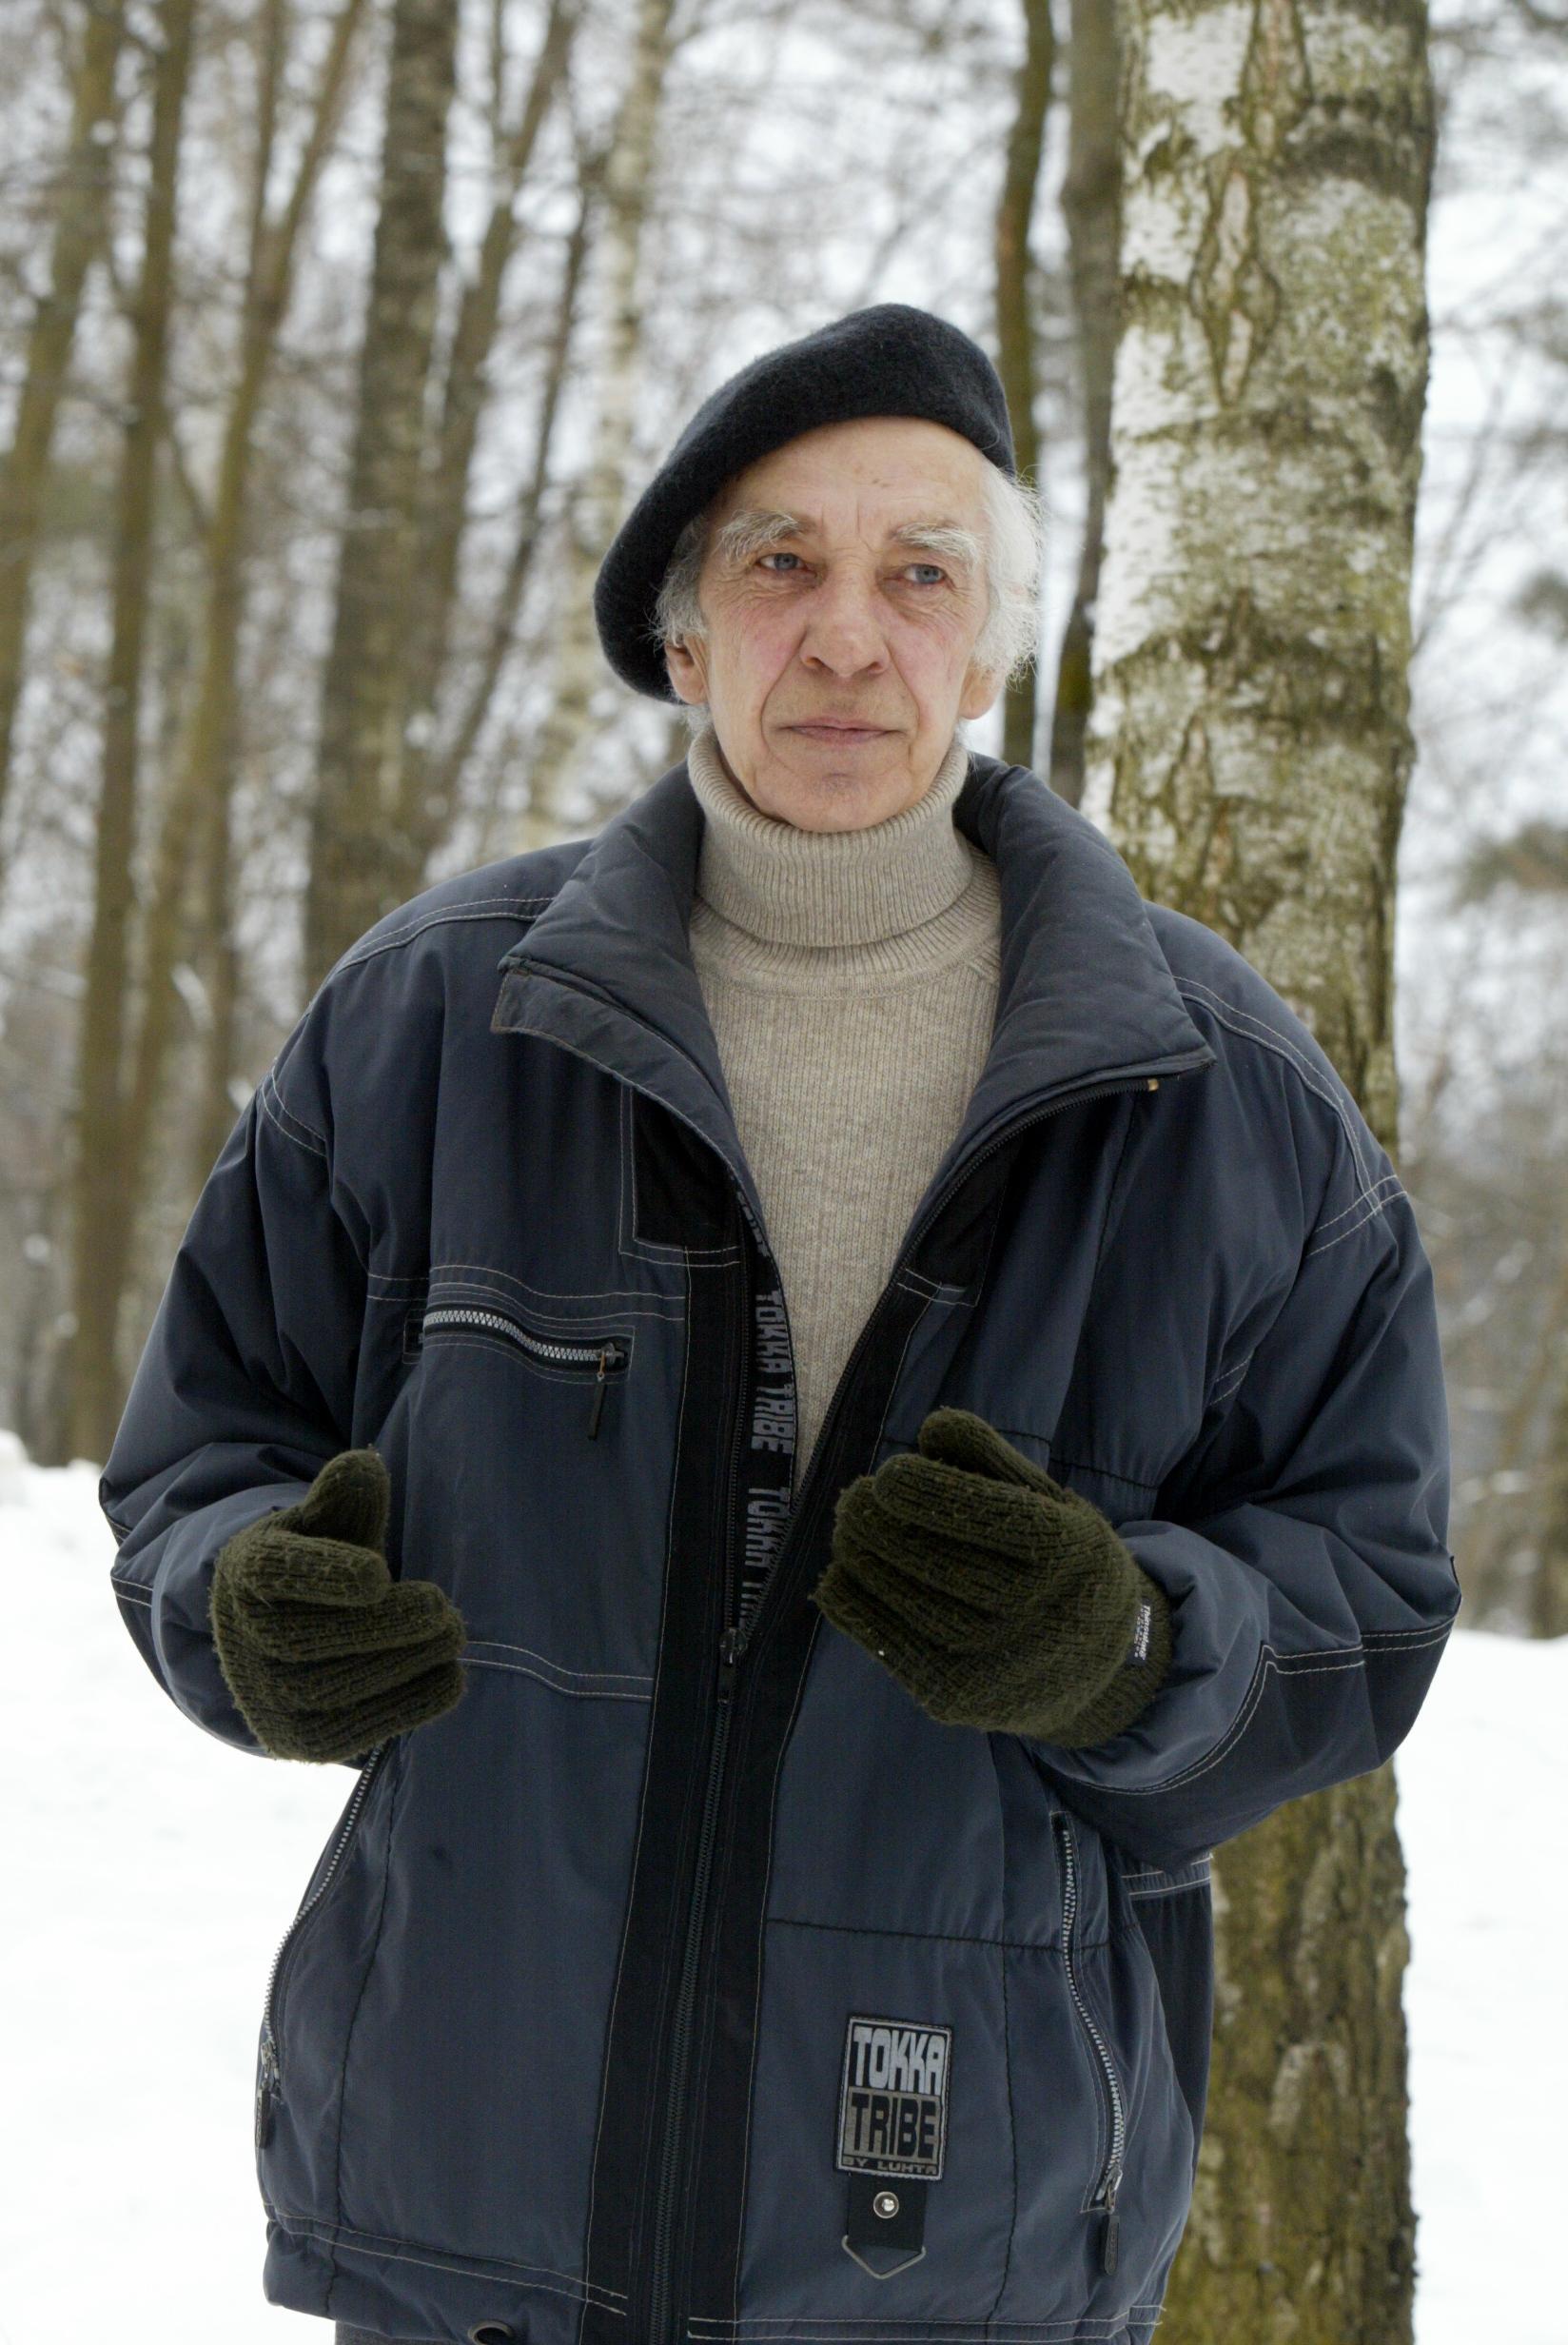 Kai Z.Butkevičius su savo taksu Bušu įsikurdavo prie televizoriaus, jų nuomonės visiškai sutapdavo: įdomiausios laidos - apie gyvūnus. | I.Gėlūno nuotr.